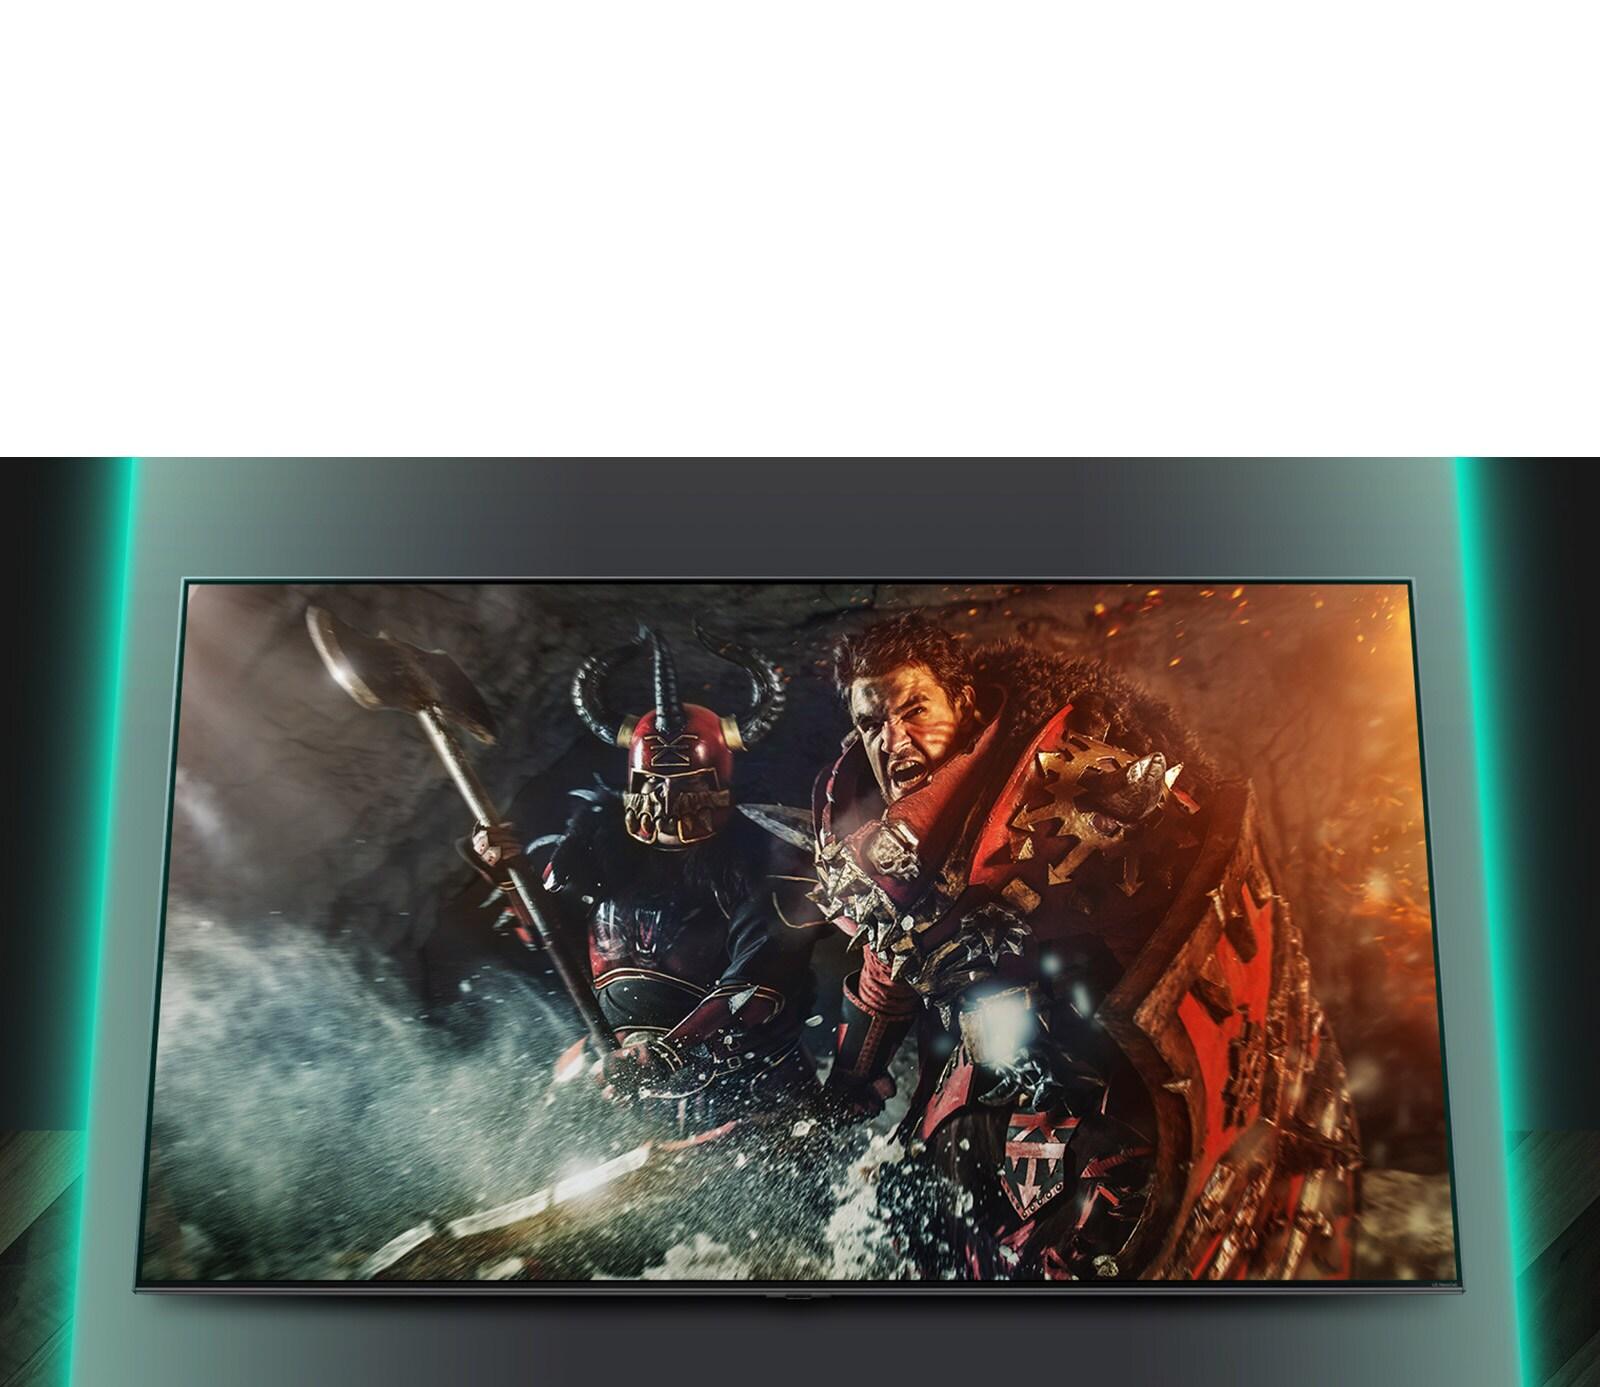 Savaş oyunu sahnesini gösteren TV ekranı.